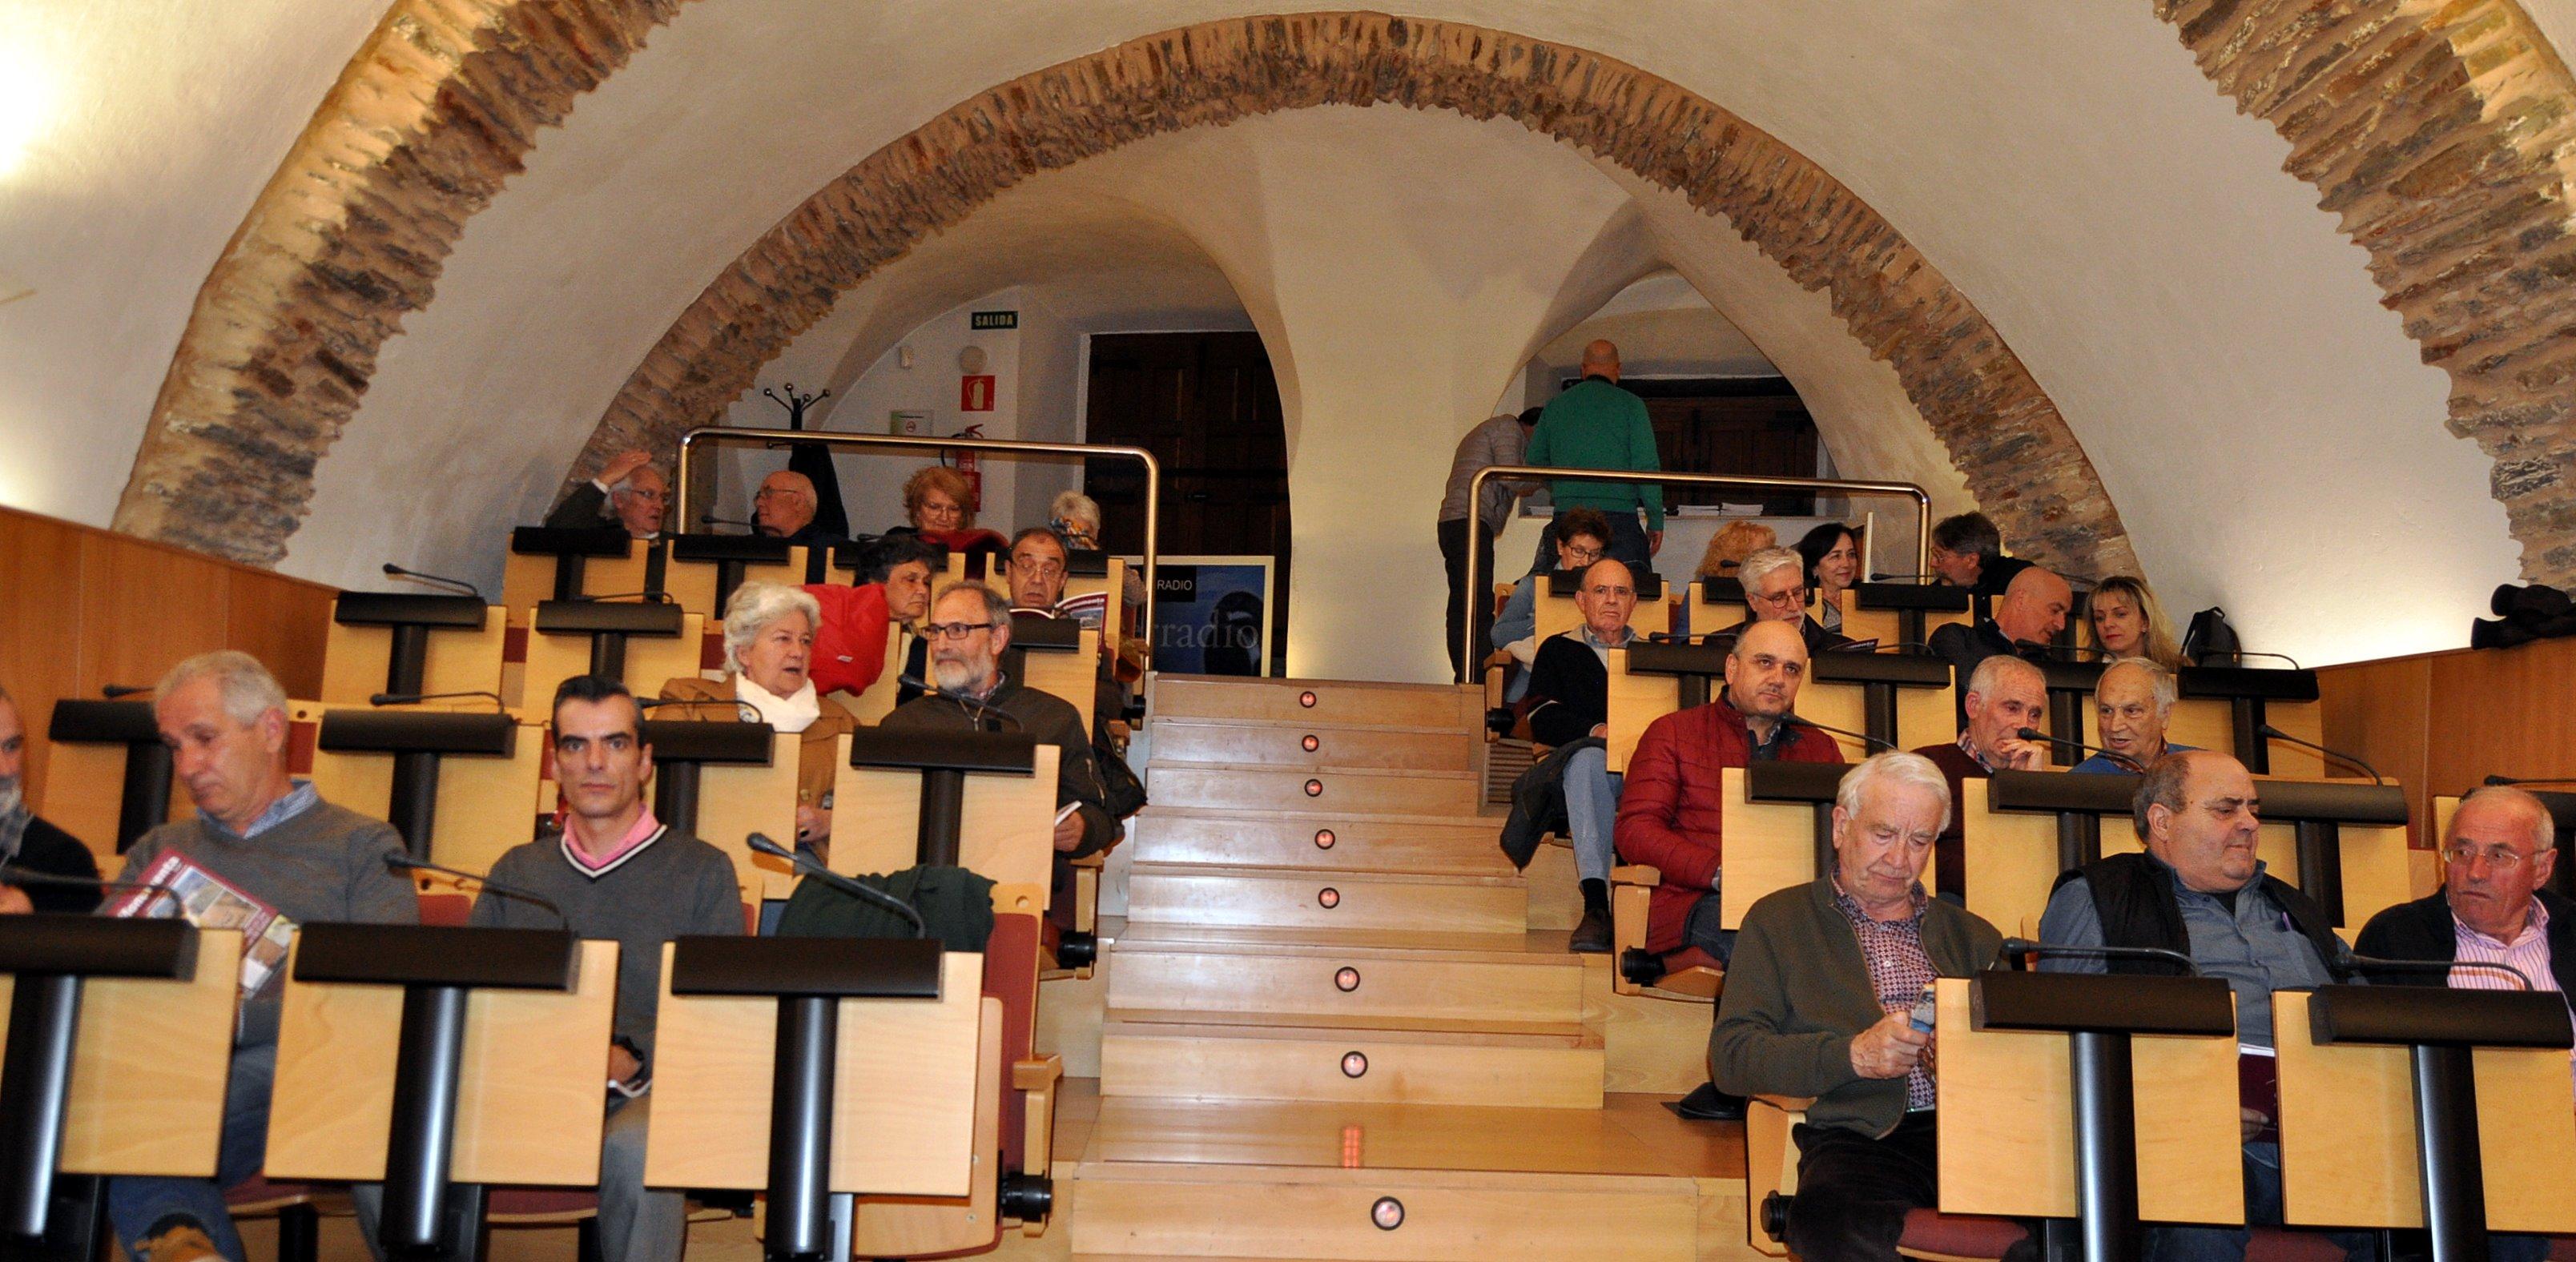 Presentación de la Revista PROMONUMENTA en el salón del Museo de la Radio de Ponferrada.